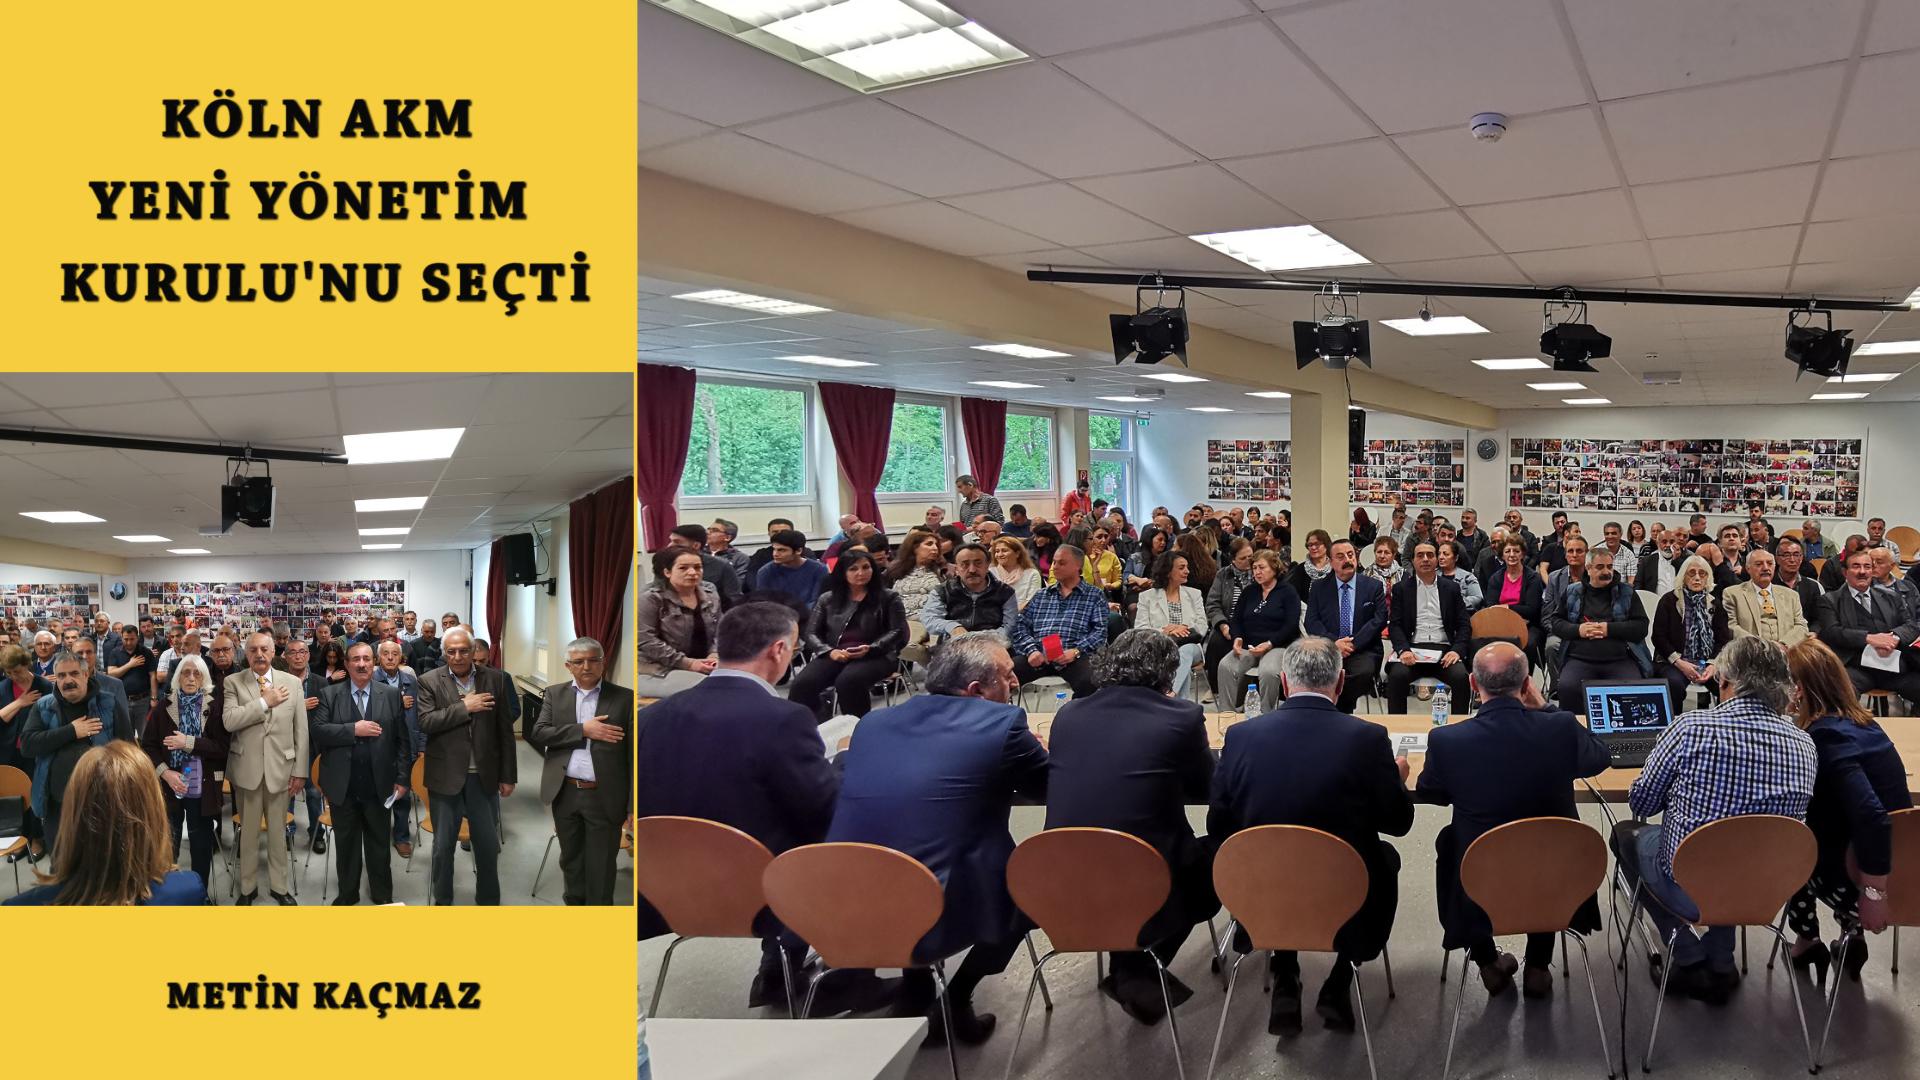 Köln AKM Secimli Olağan Genel Kurulu'nu yaparak yeni yönetimini seçti